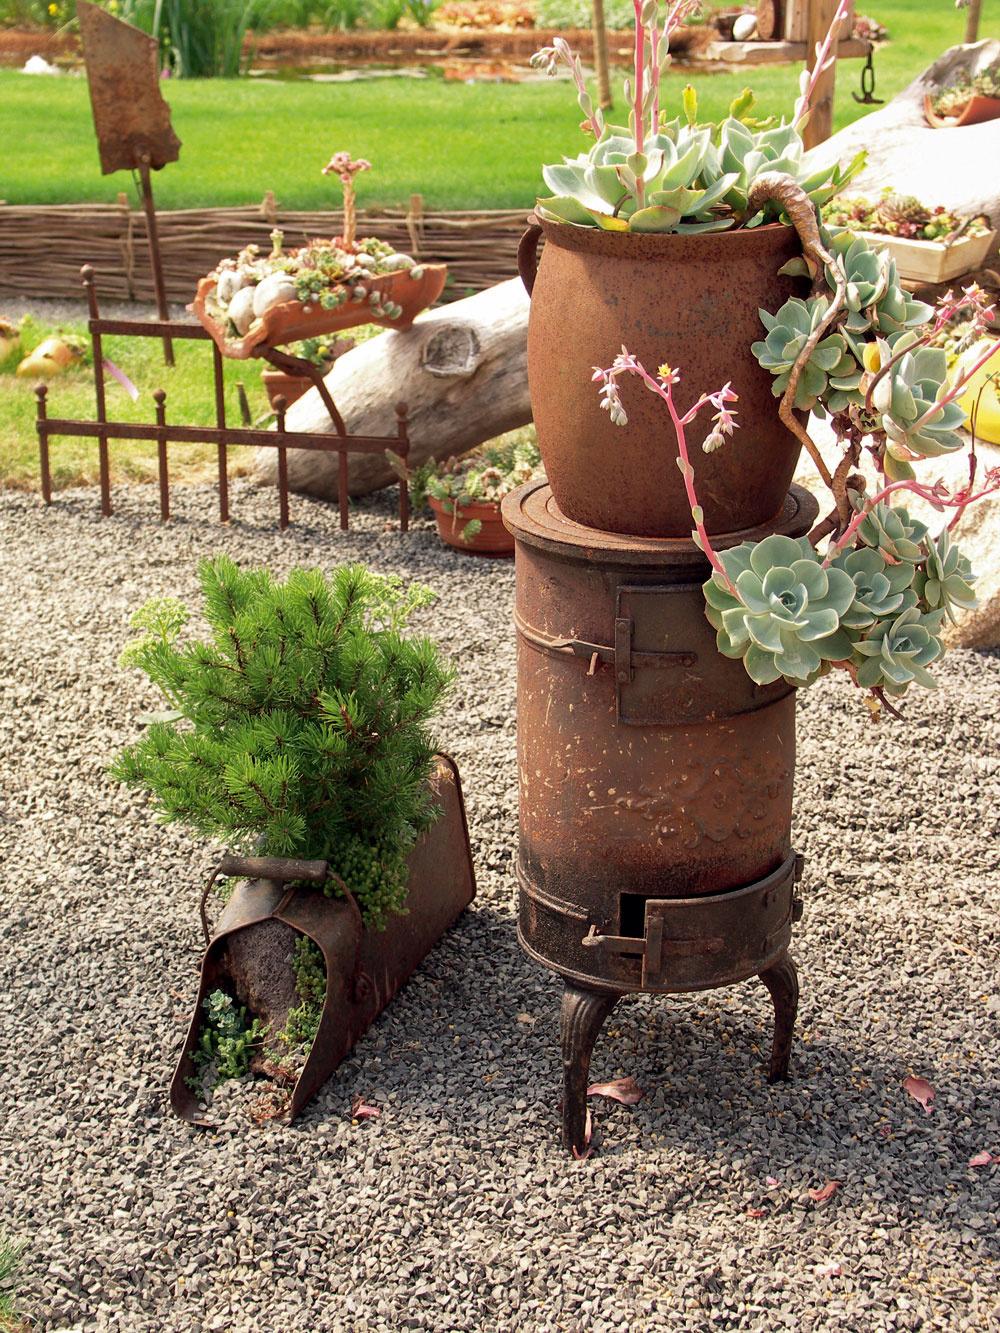 Vo vidieckych záhradách sa občas objavujú ako pôvabne osadené nádoby aj staré hrdzavé predmety, ktoré doma doslúžili.